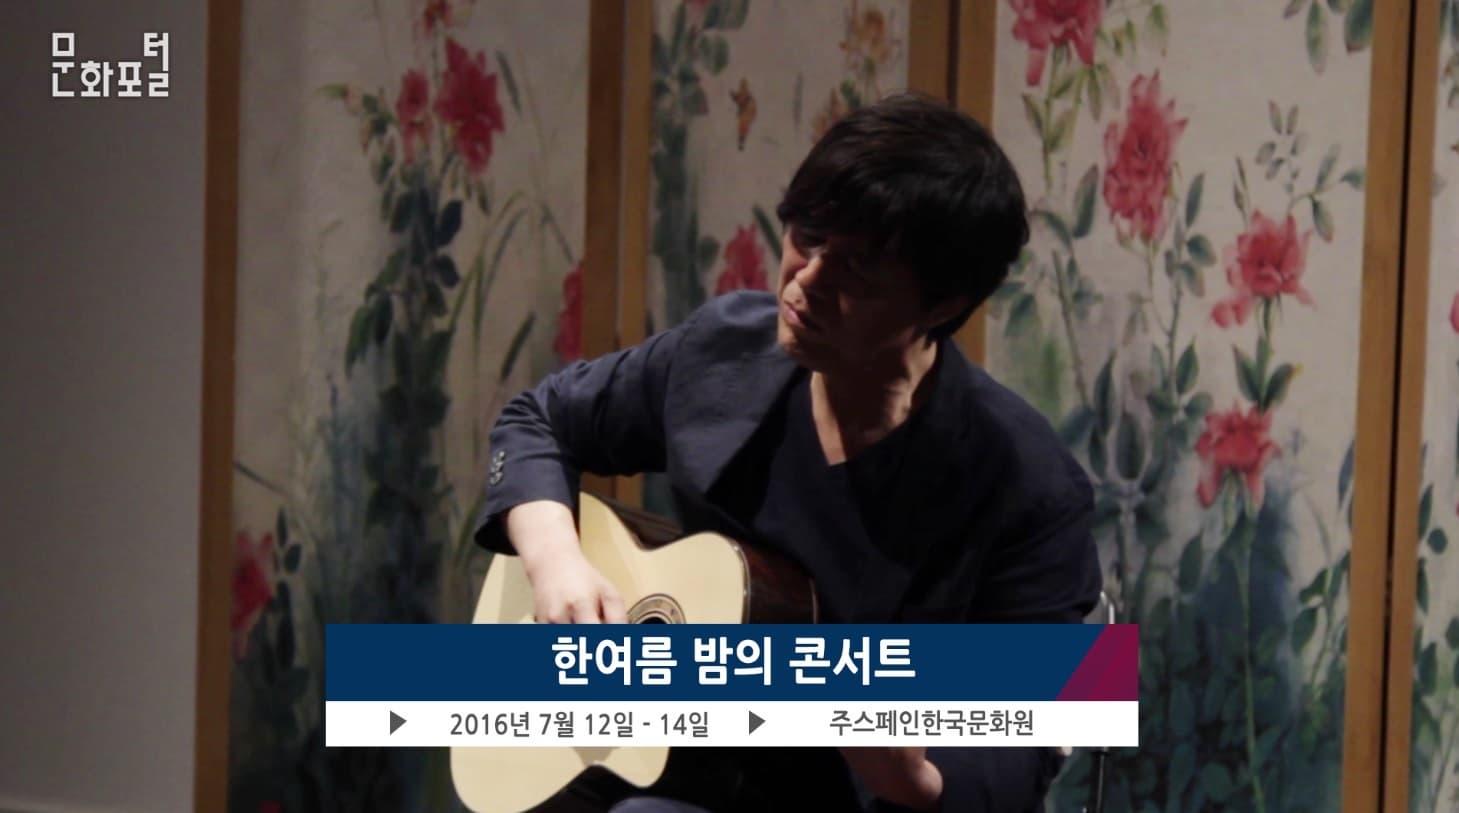 [주스페인한국문화원] 한여름 밤의 콘서트